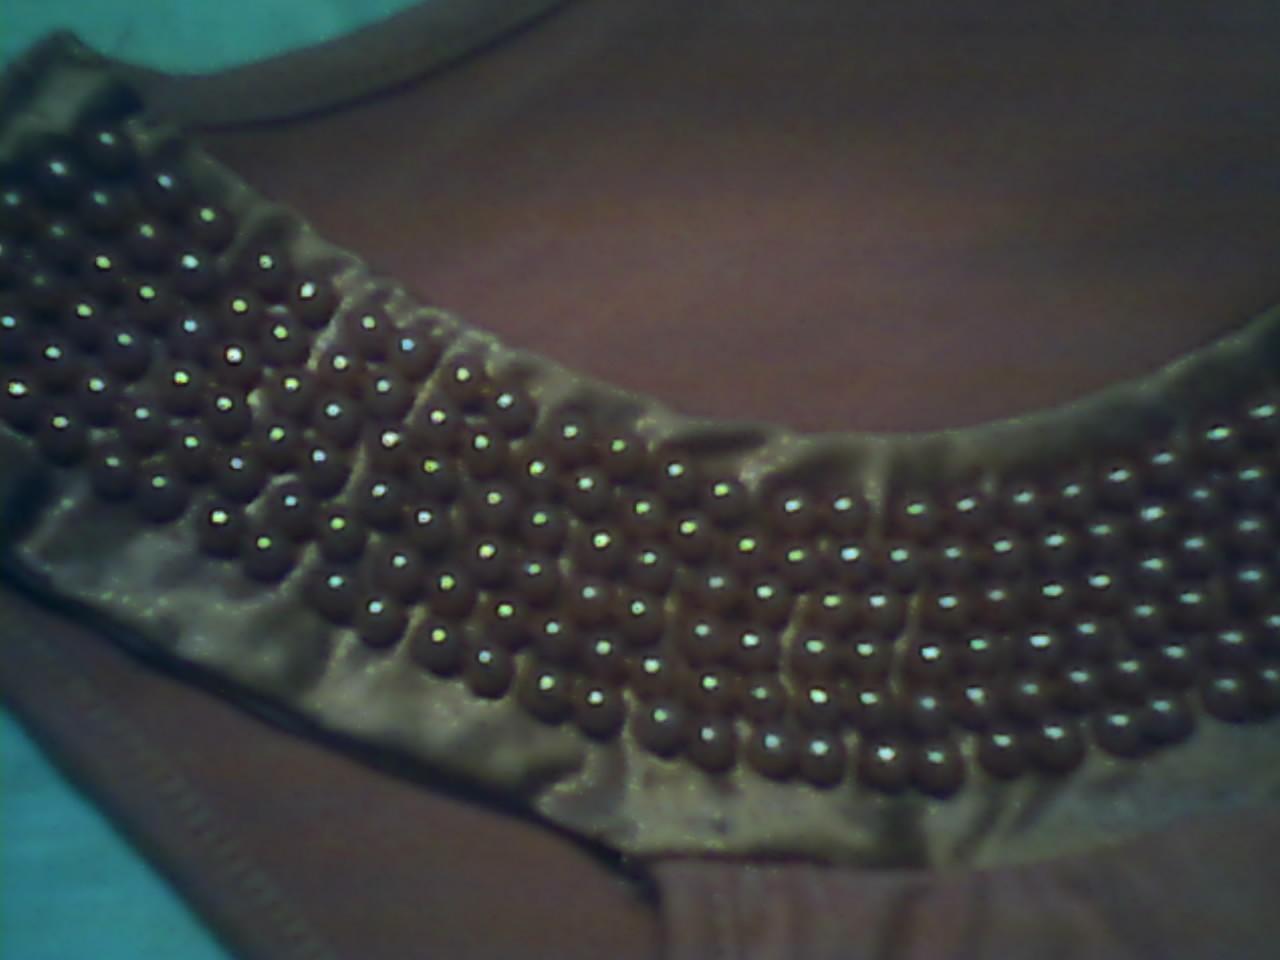 بالصور كيفية تزيين الملابس بالخرز 300d658155e074e4a69c291596cfd9e3